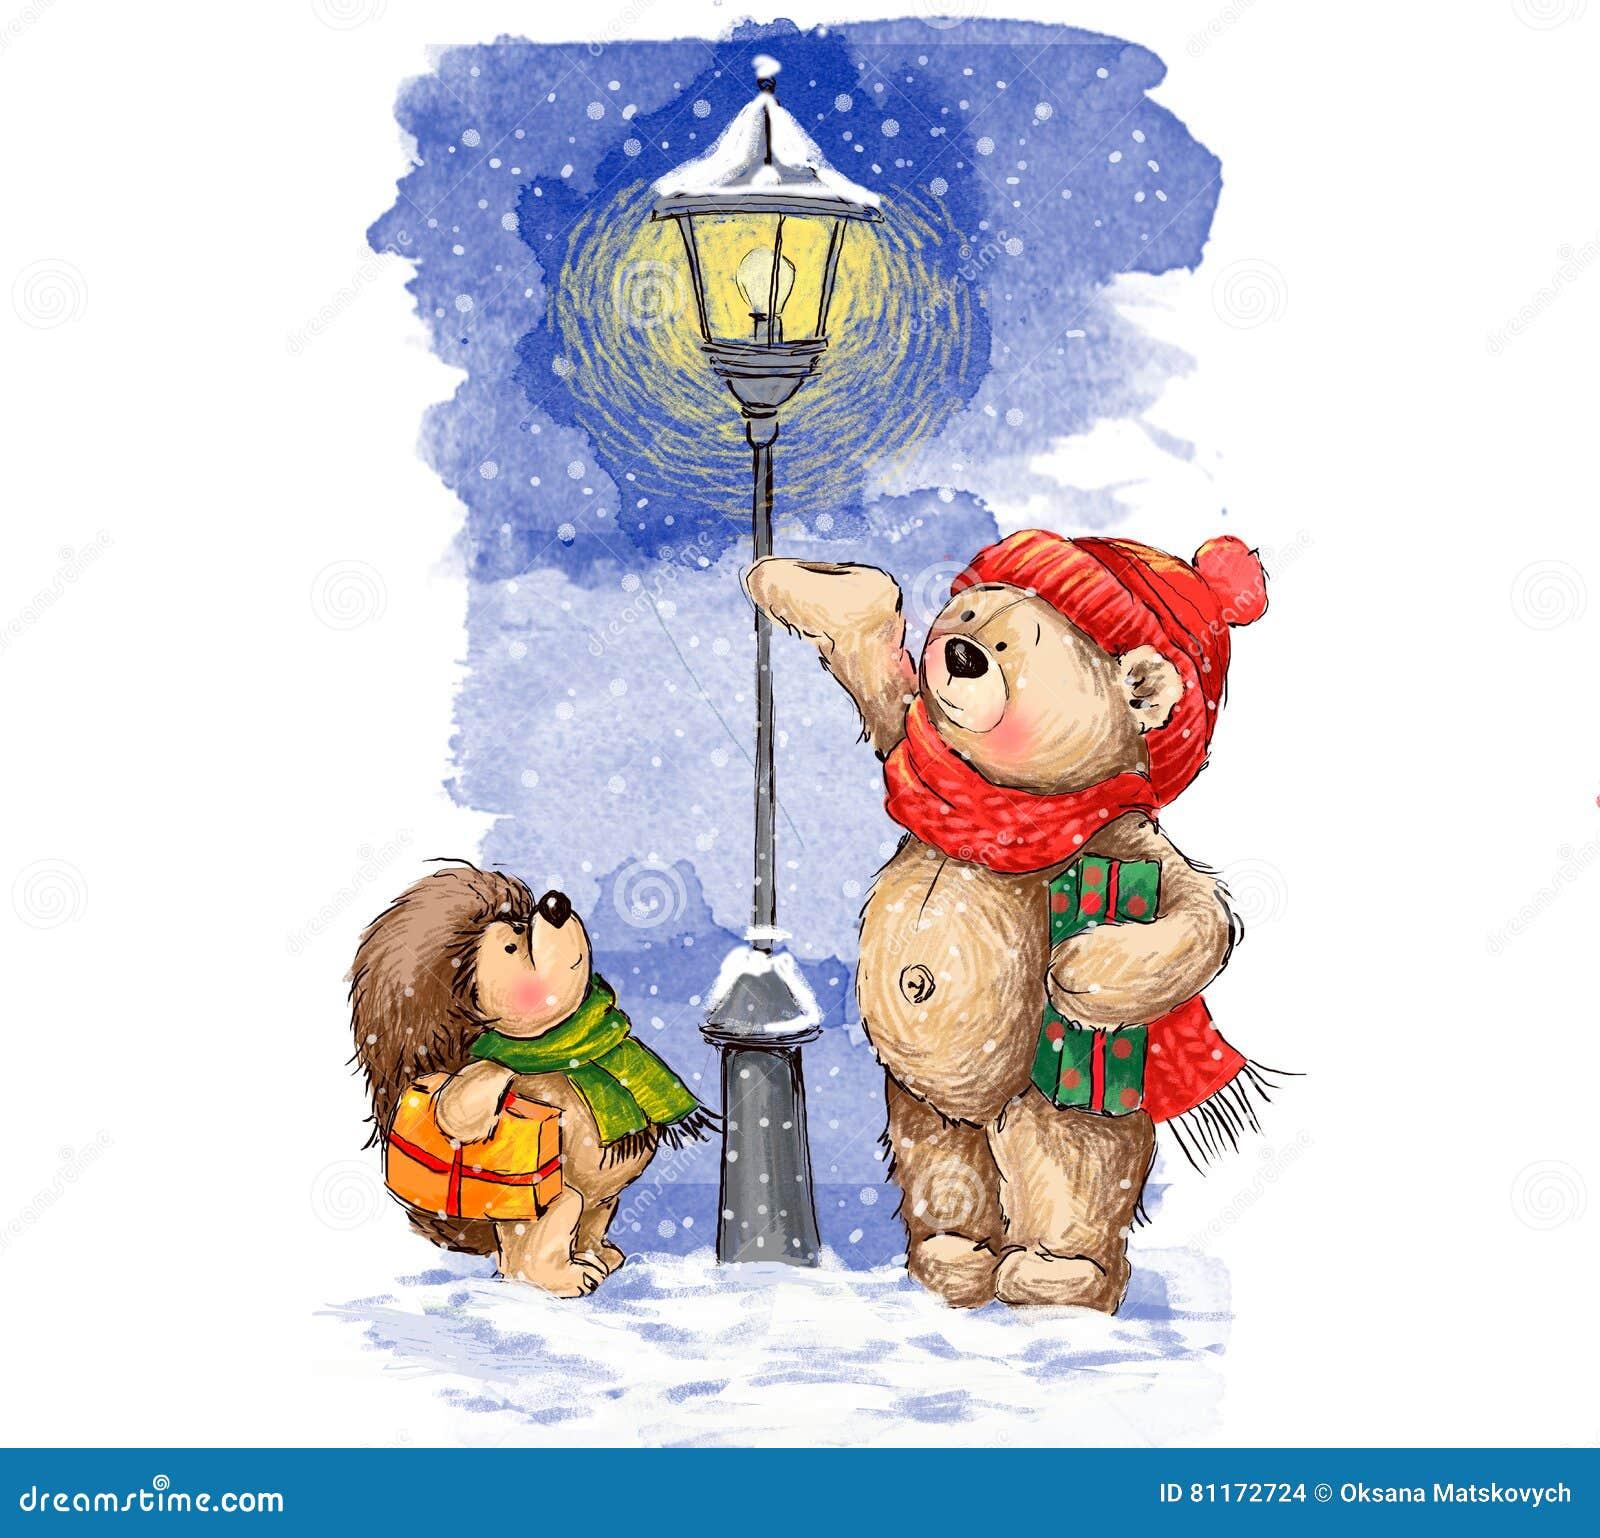 Иллюстрация Кристмас Милый медведь и еж с подарками рождества